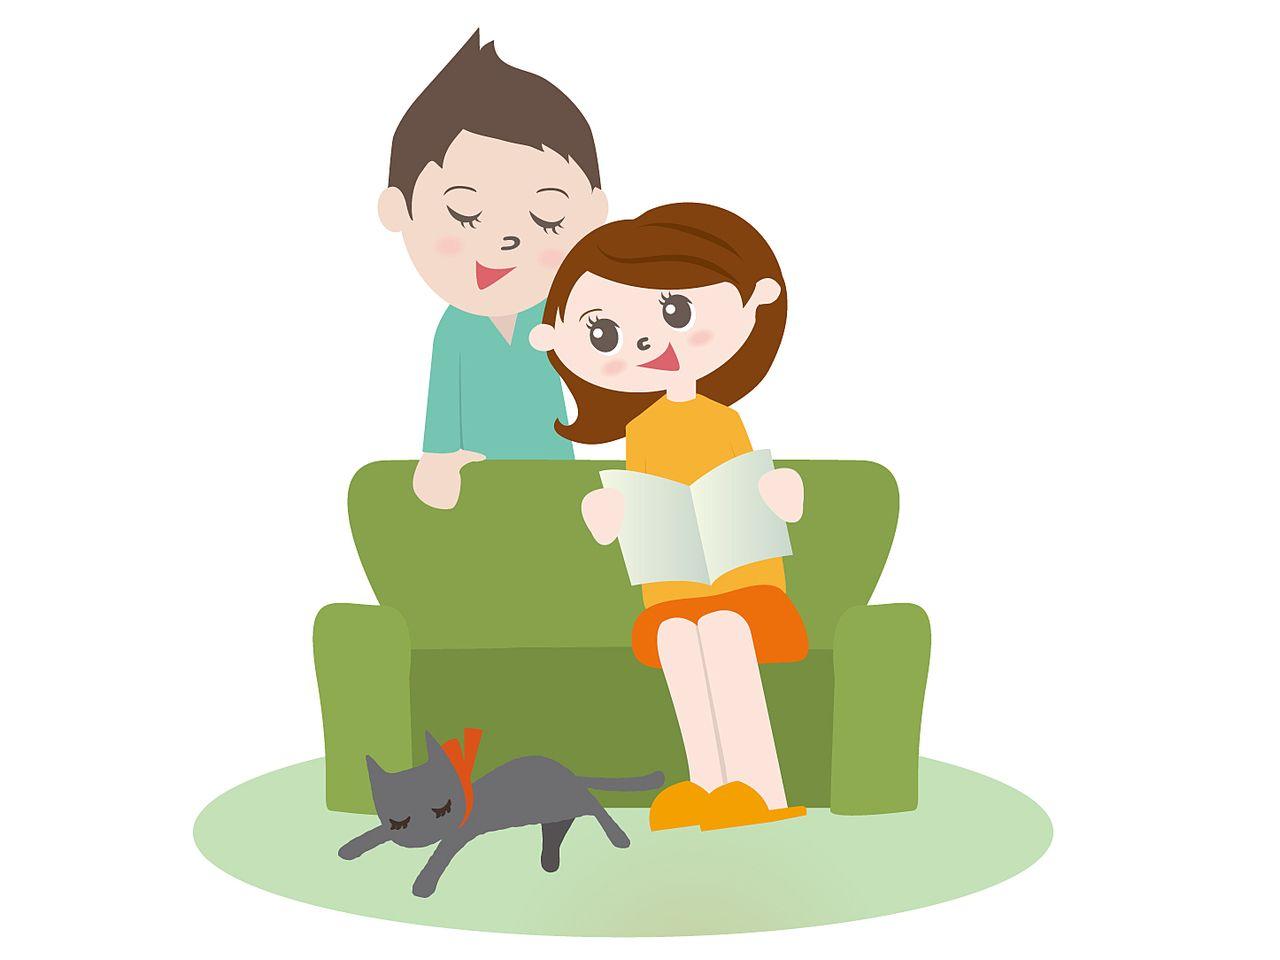 彼女や彼氏ができると同居(同棲)を考える方も多くいらっしゃると思います。単身向け賃貸物件に住んでいて、そのままその部屋で同居(同棲)をしたいと考える方も多いでしょう。では、単身向け賃貸物件で同居(…